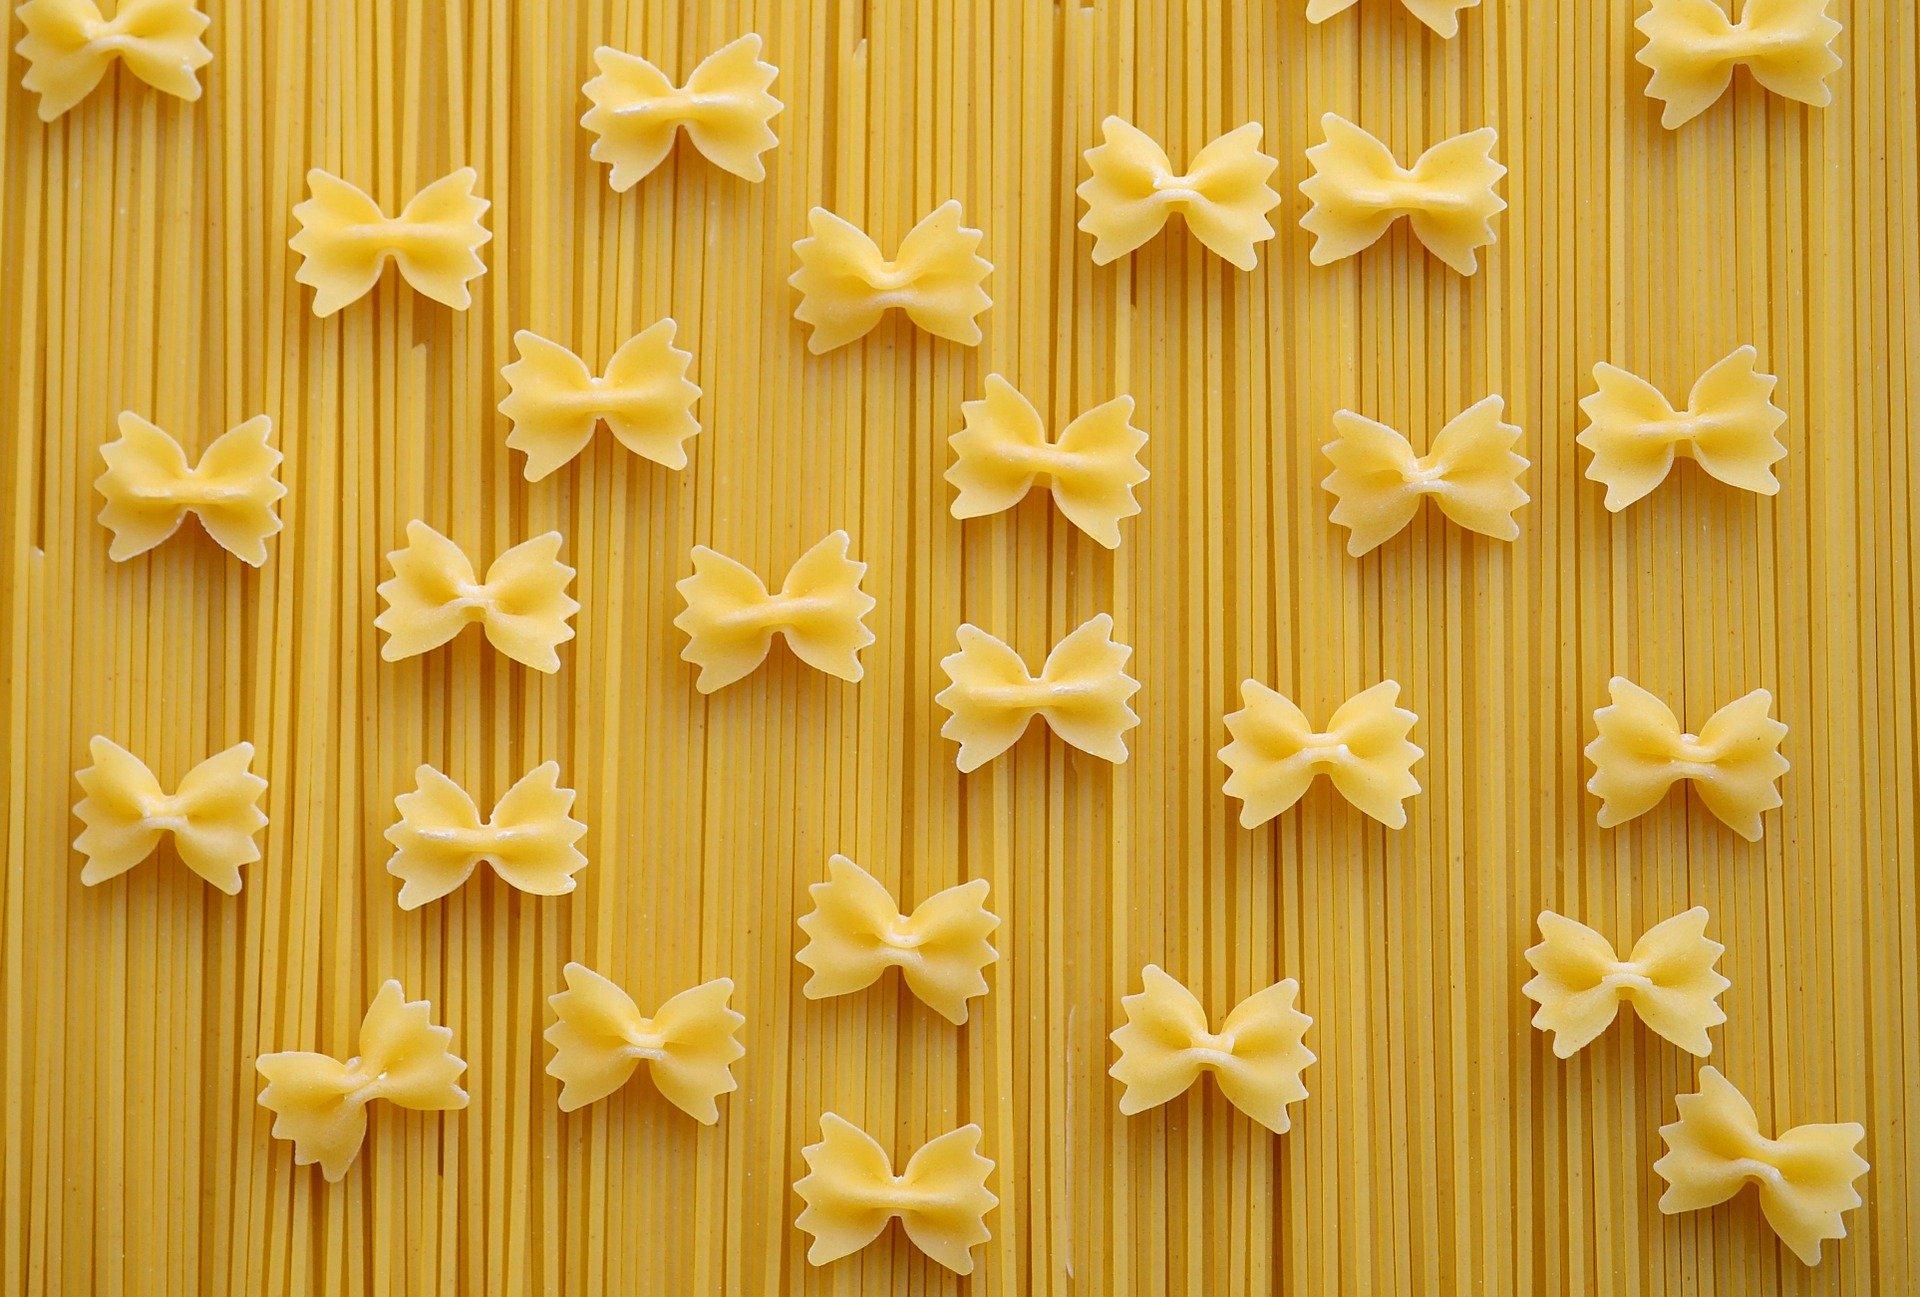 Changement climatique : une pénurie de pâtes ?